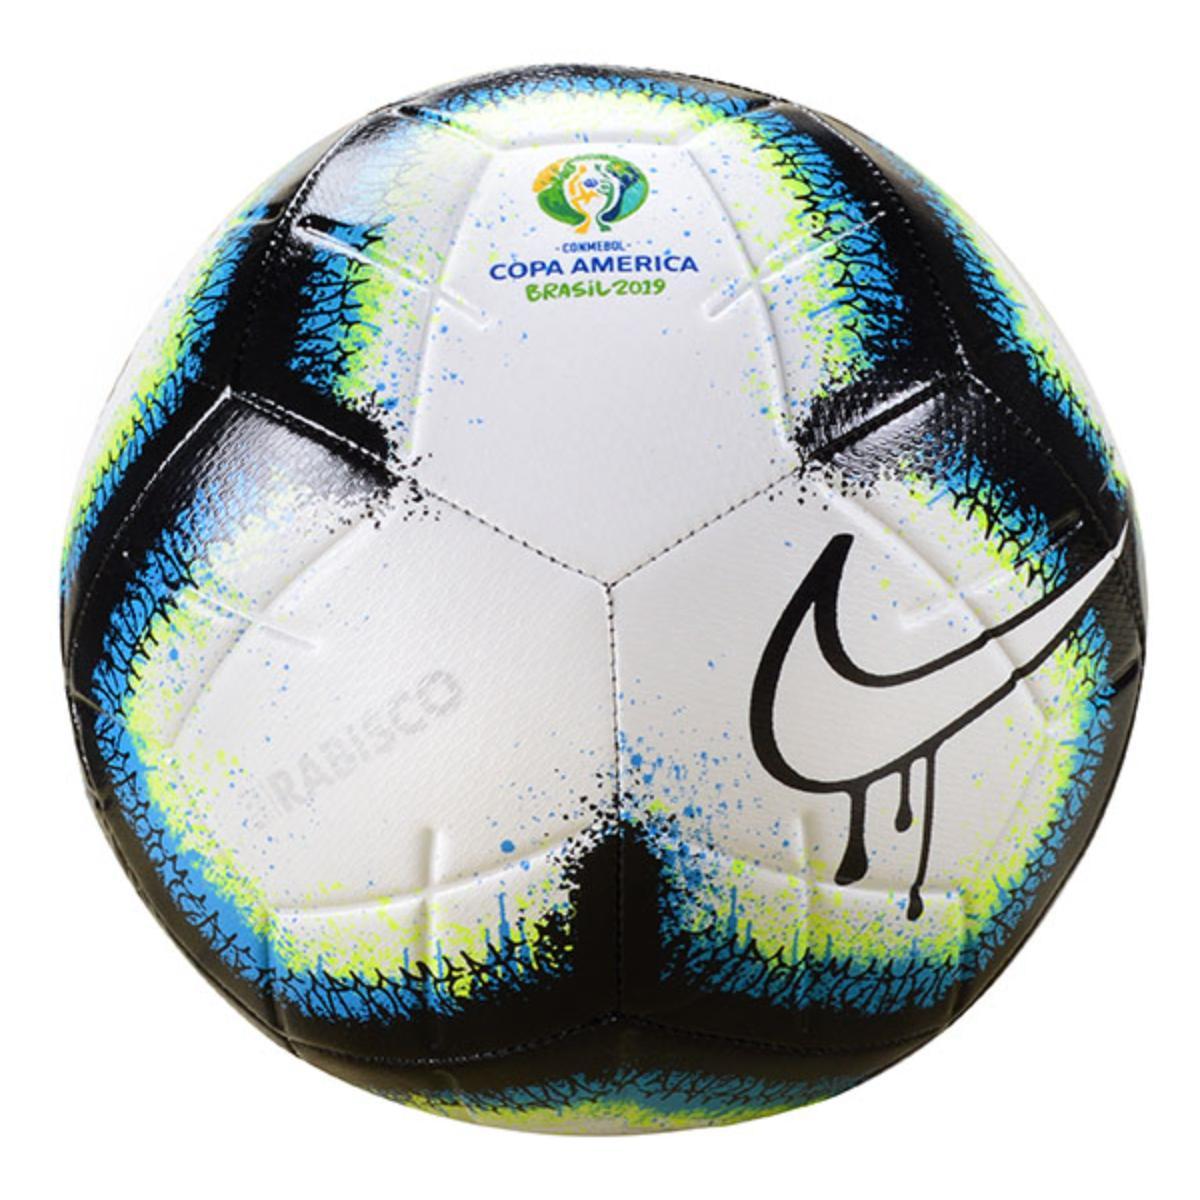 Bola Unisex Nike Sc3908-100 Copa America Branco/preto